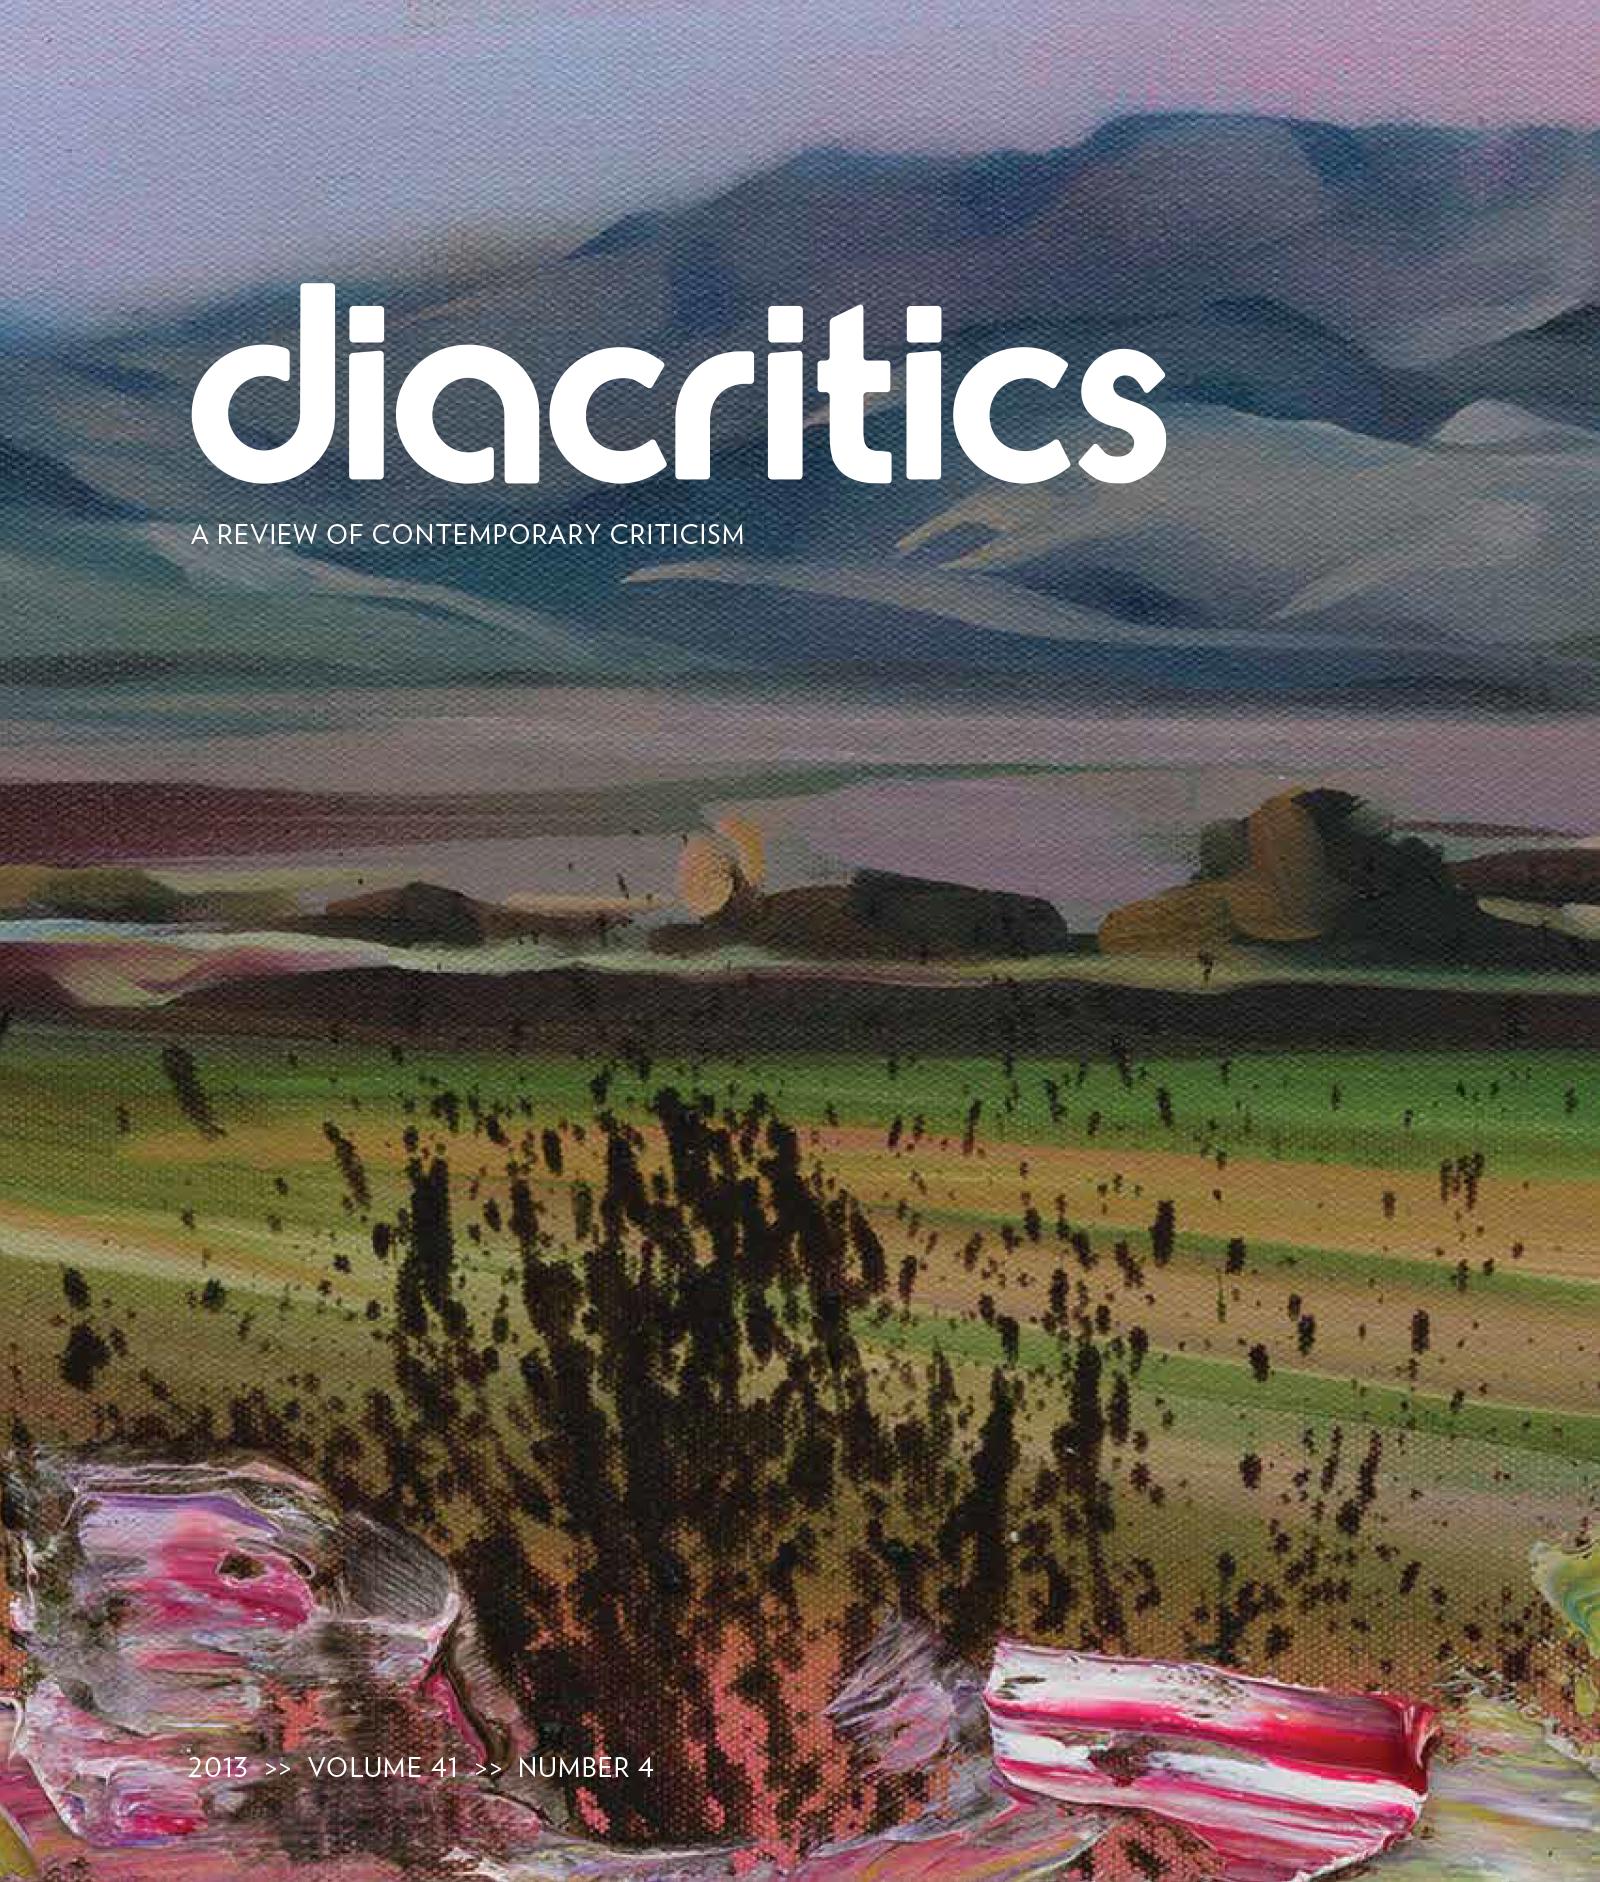 DIACRITICS VOLUME 41 NUMBER 4 2013